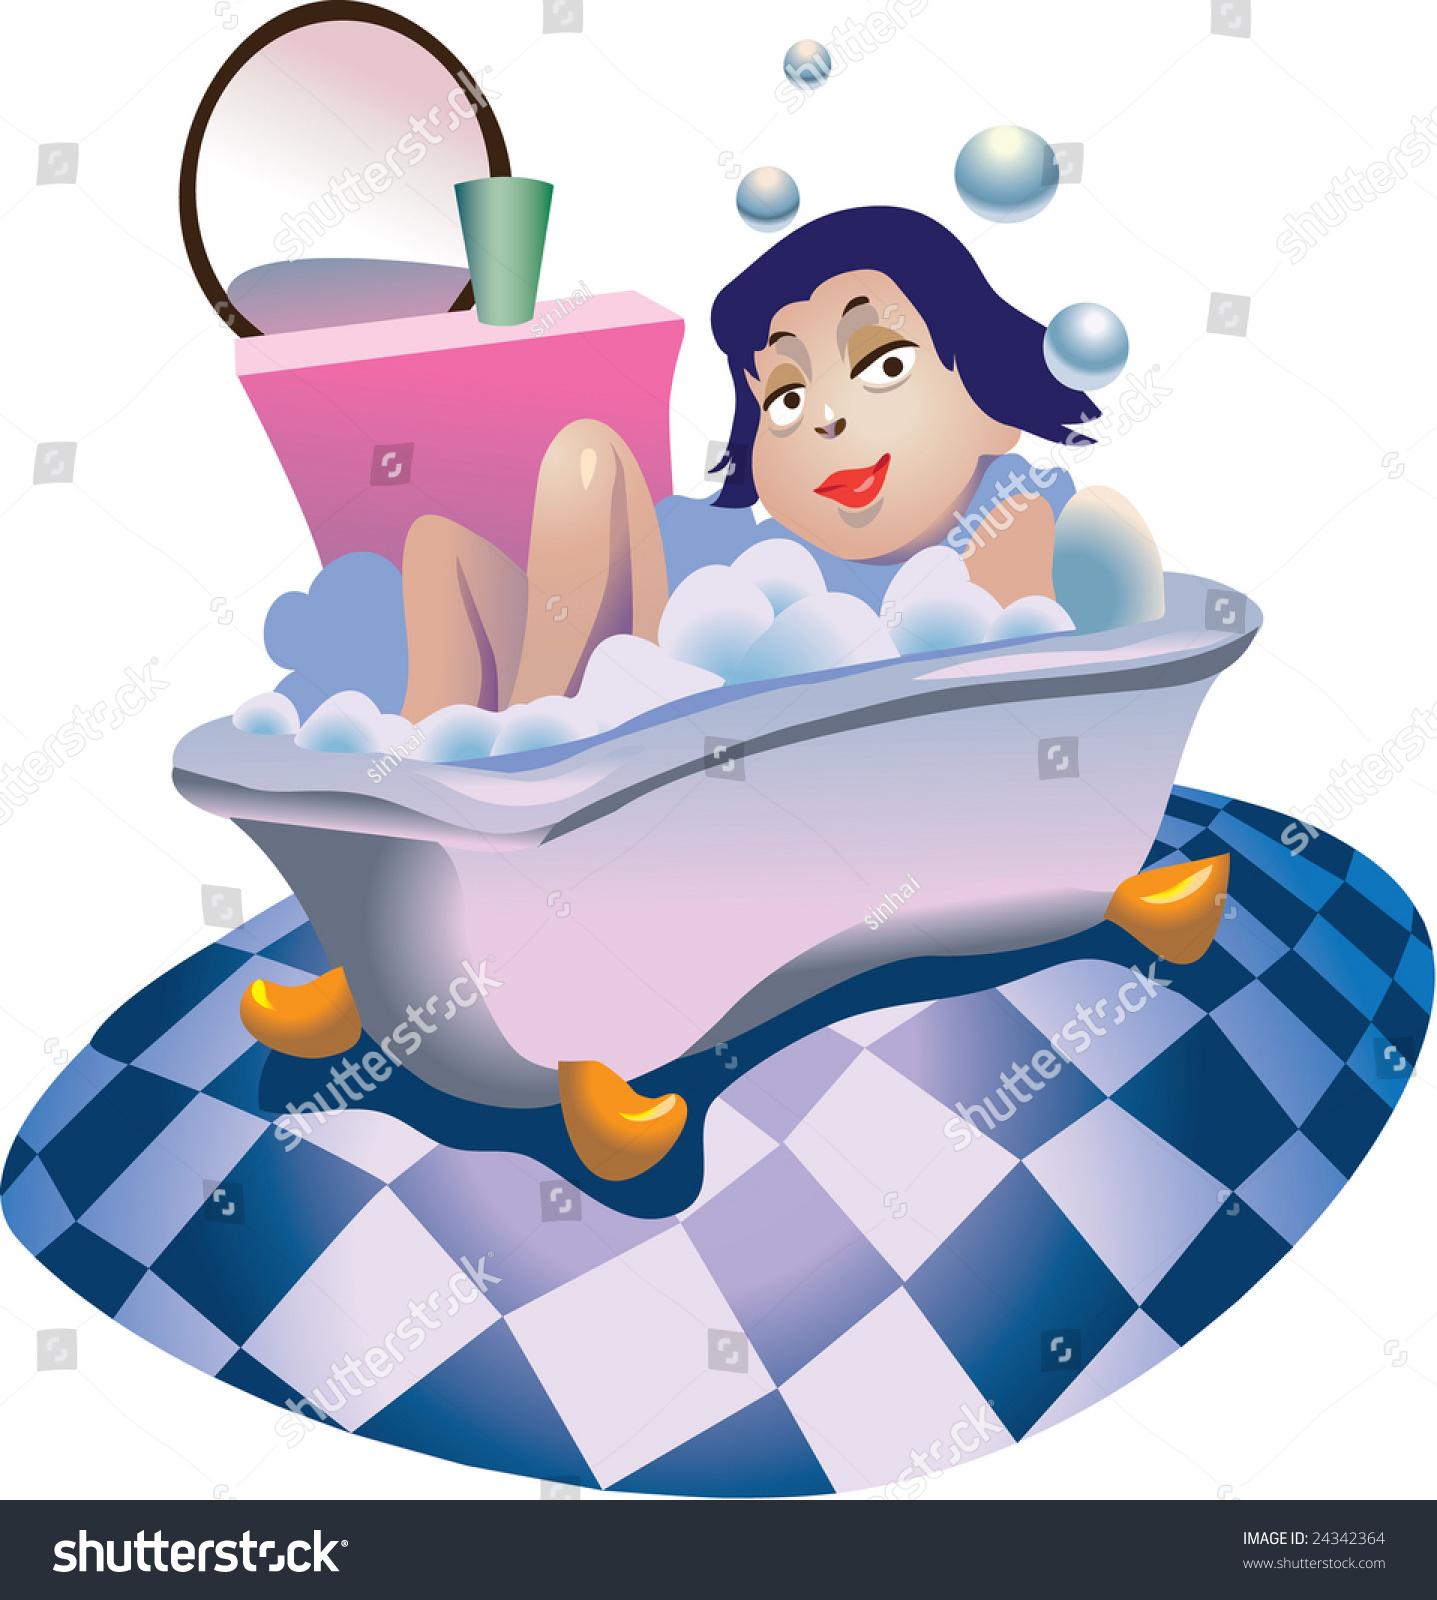 Girl Bath Stock Illustration 24342364 - Shutterstock